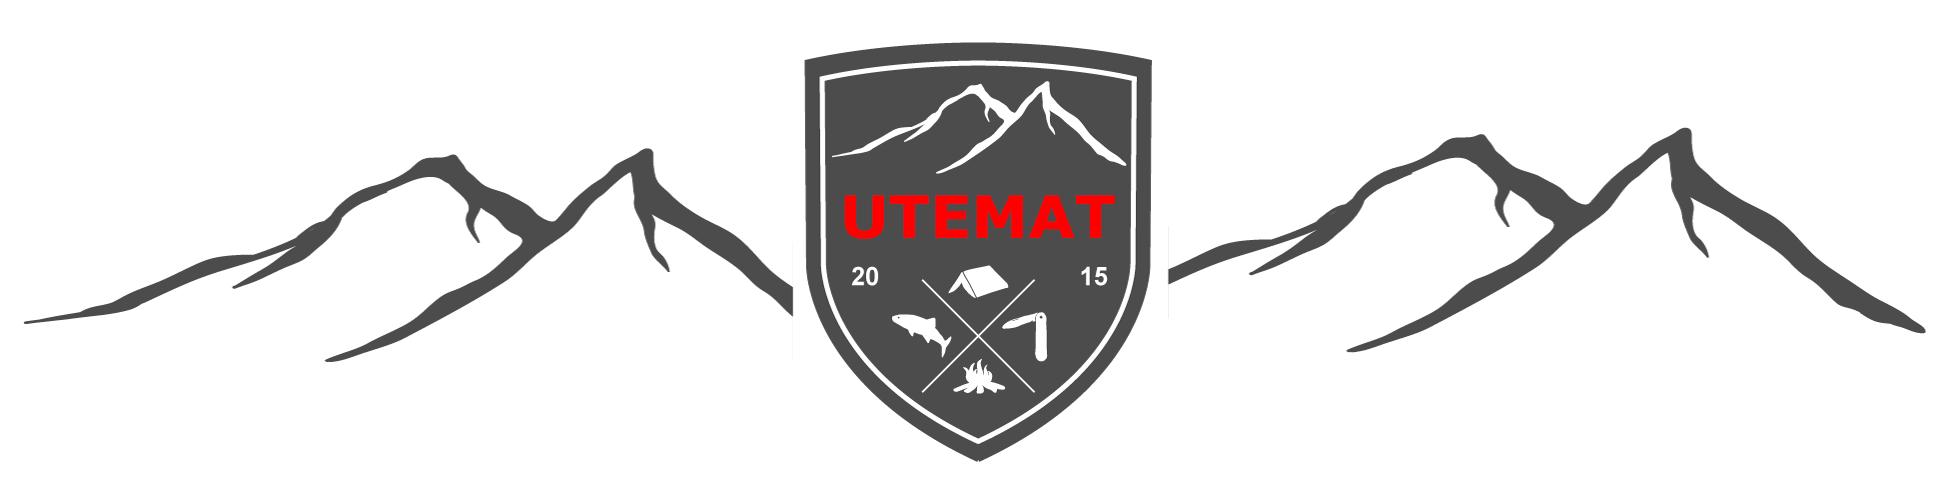 UTEMAT